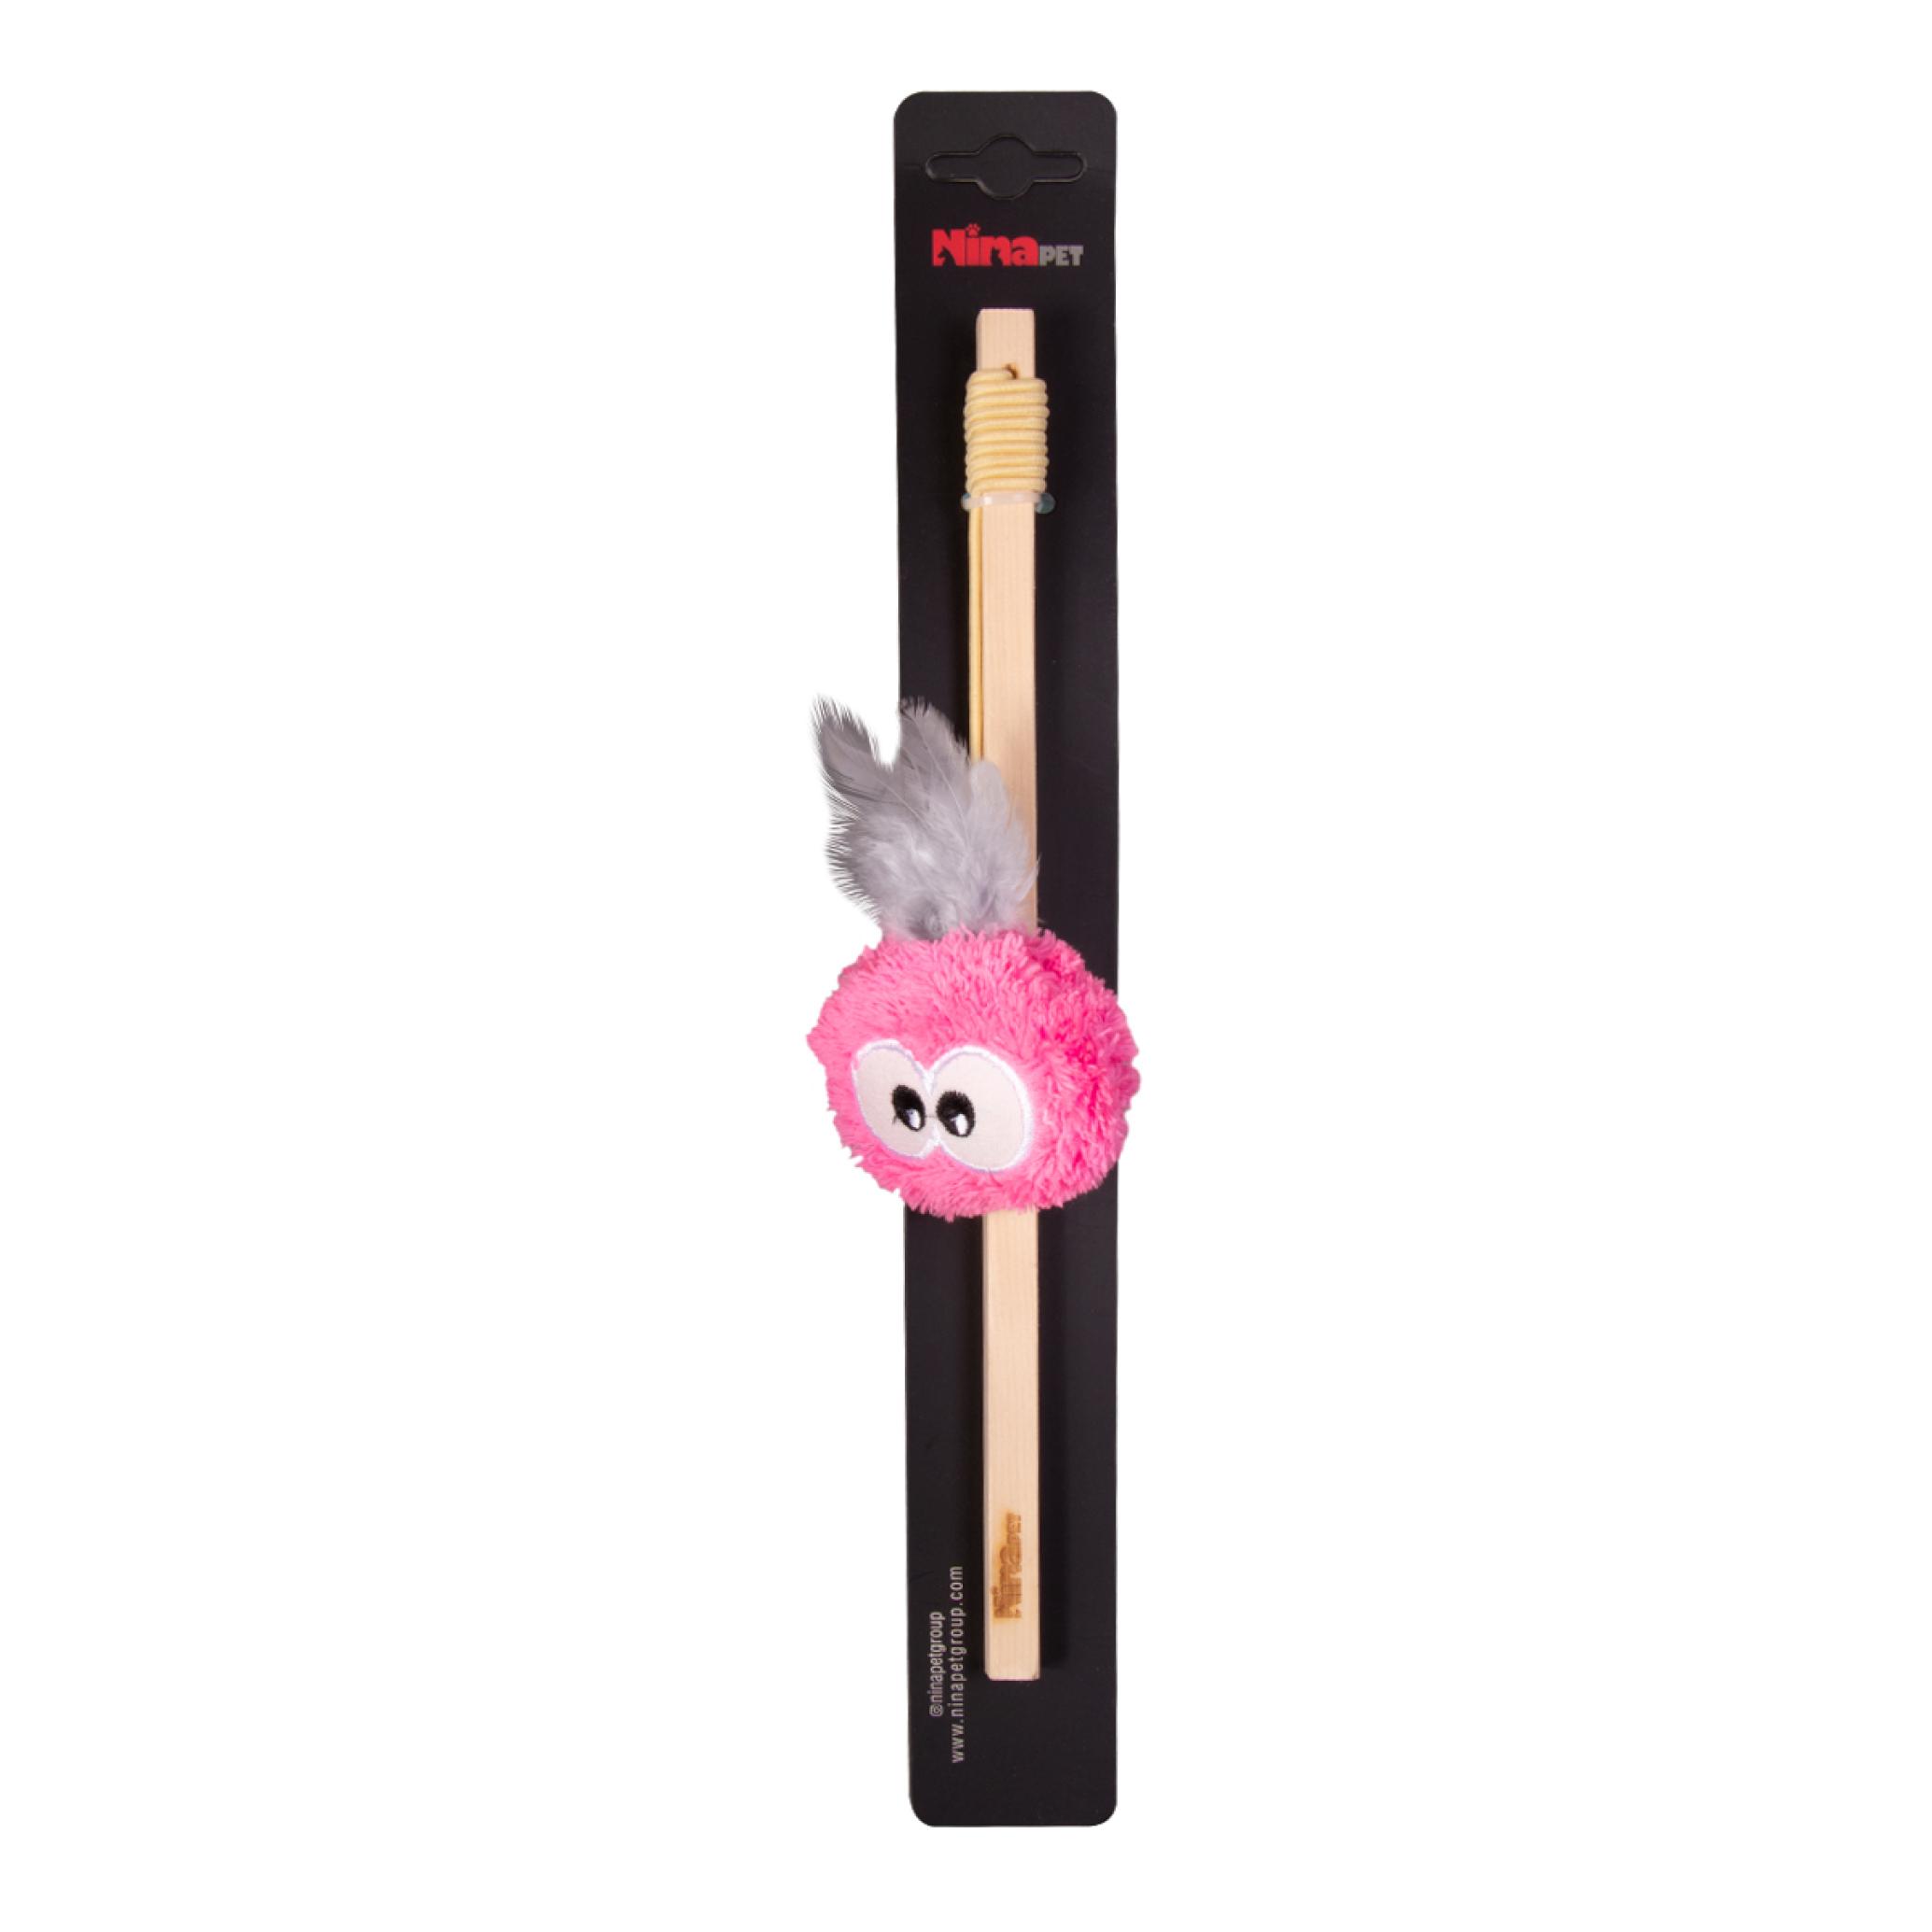 عکس چوب بازی نیناپت مدل میچو رنگ صورتی